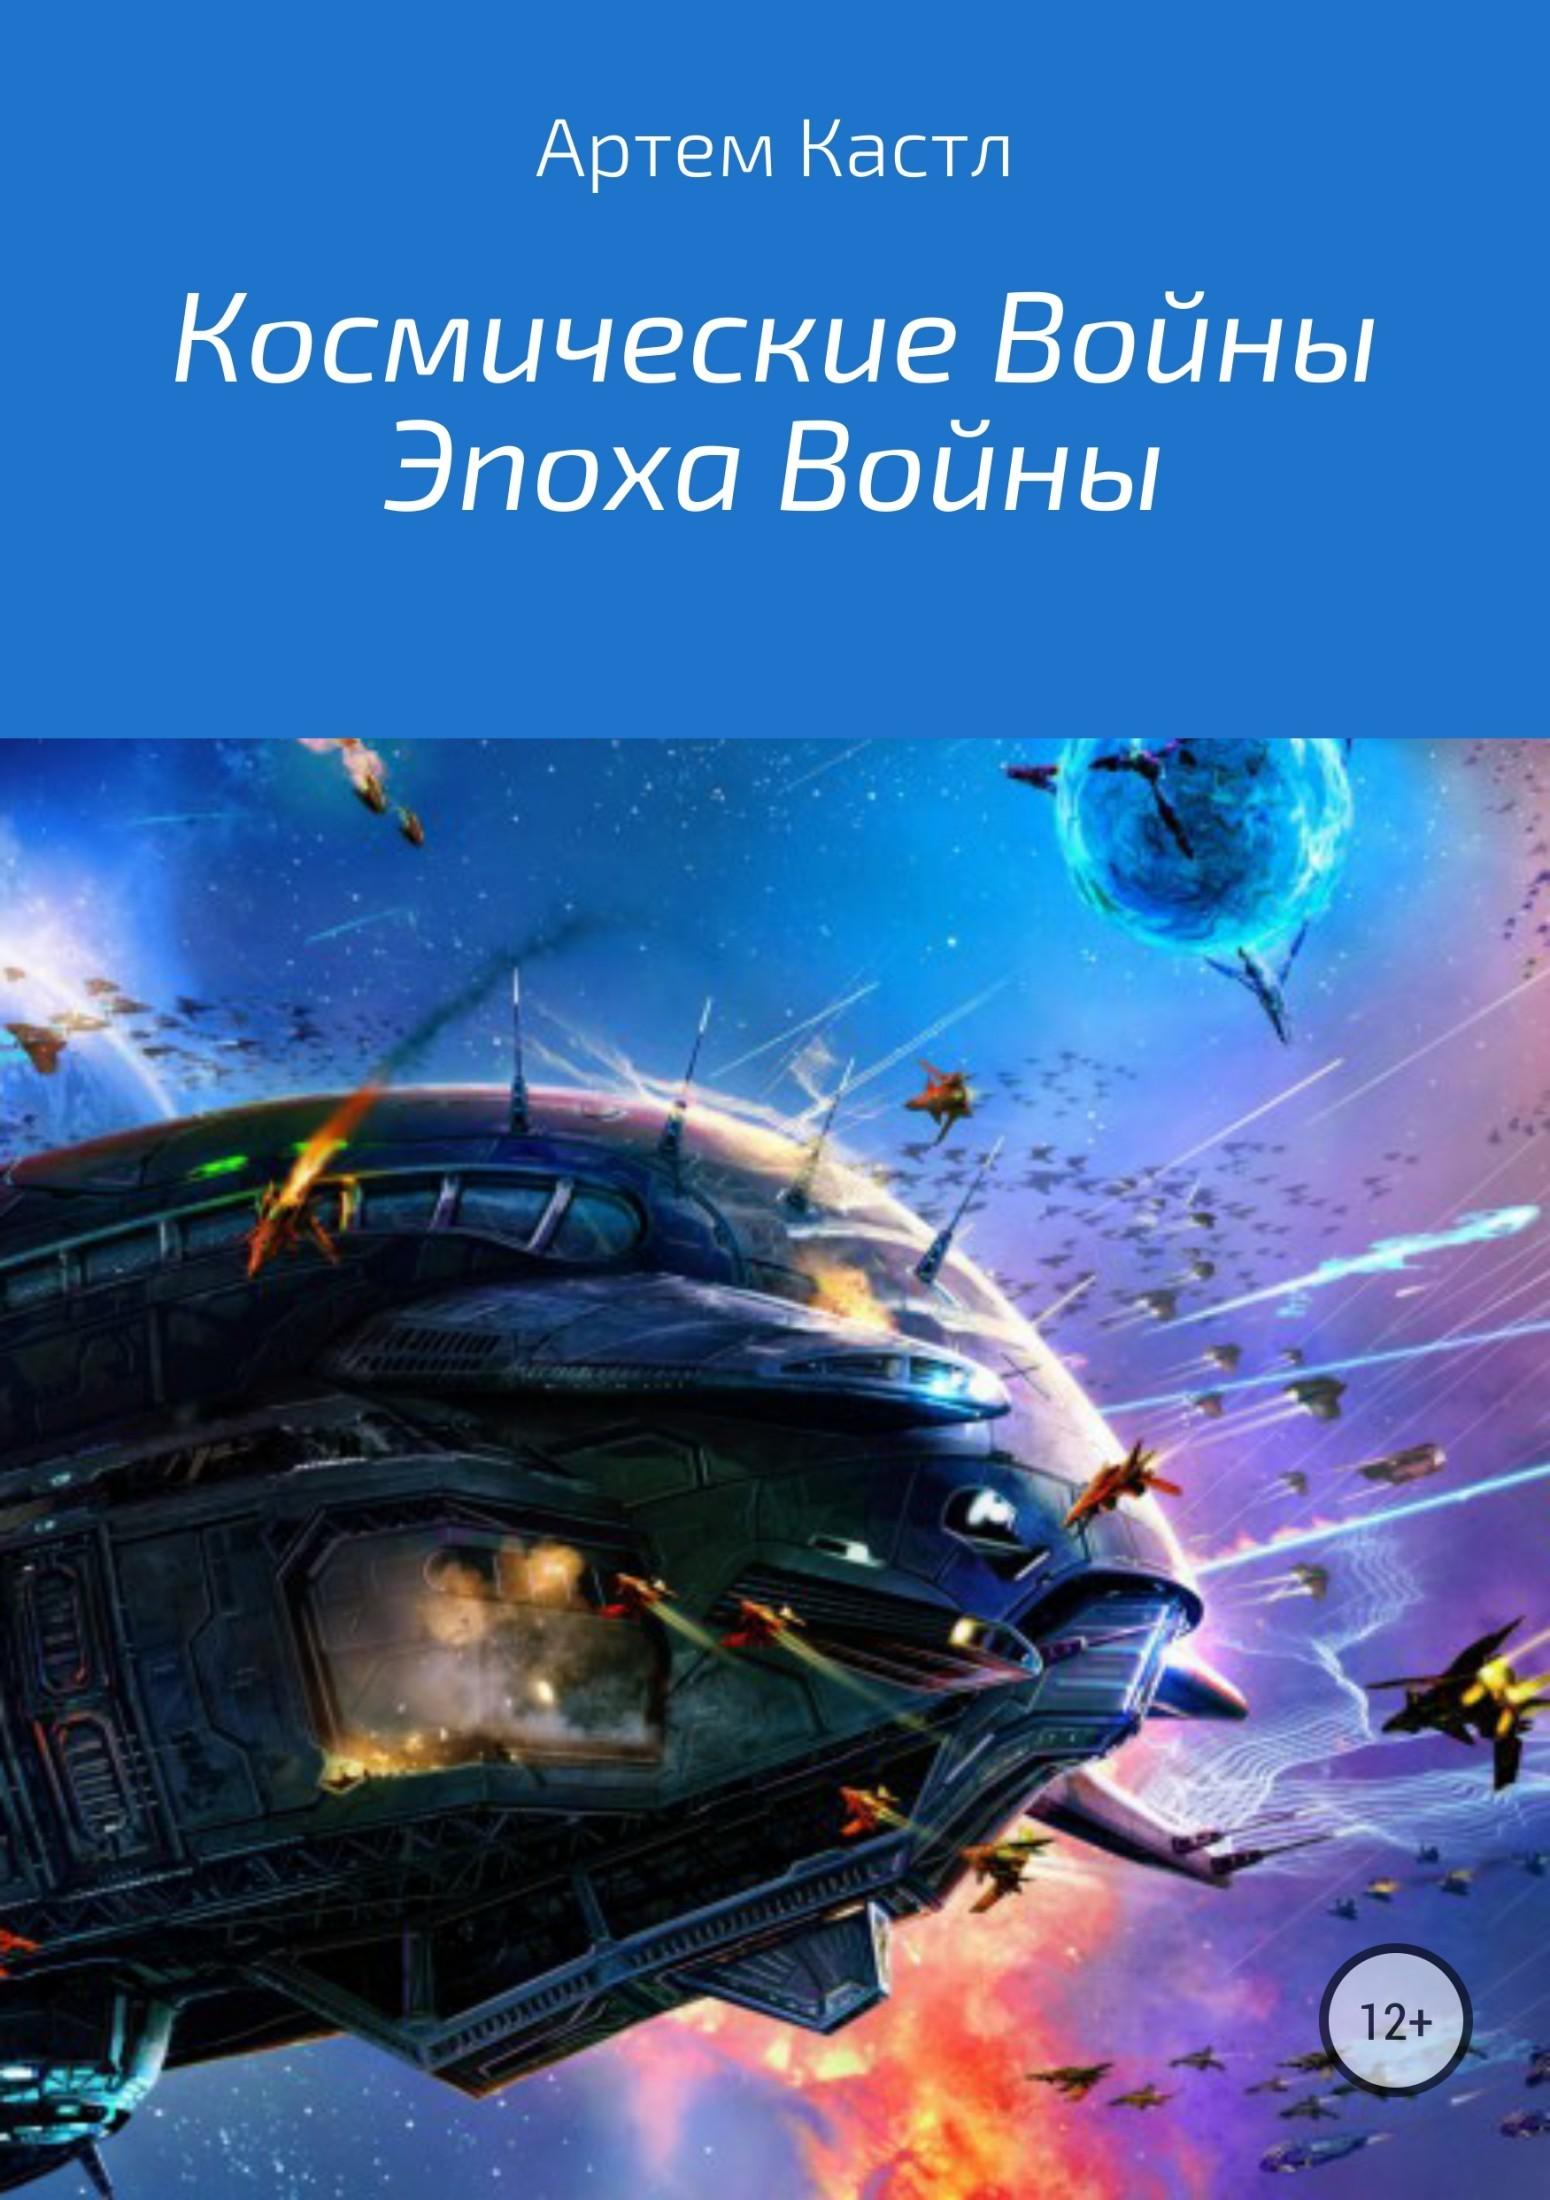 Артем Кастл Космические Войны: Эпоха Войны артем кастл космические войны зейла